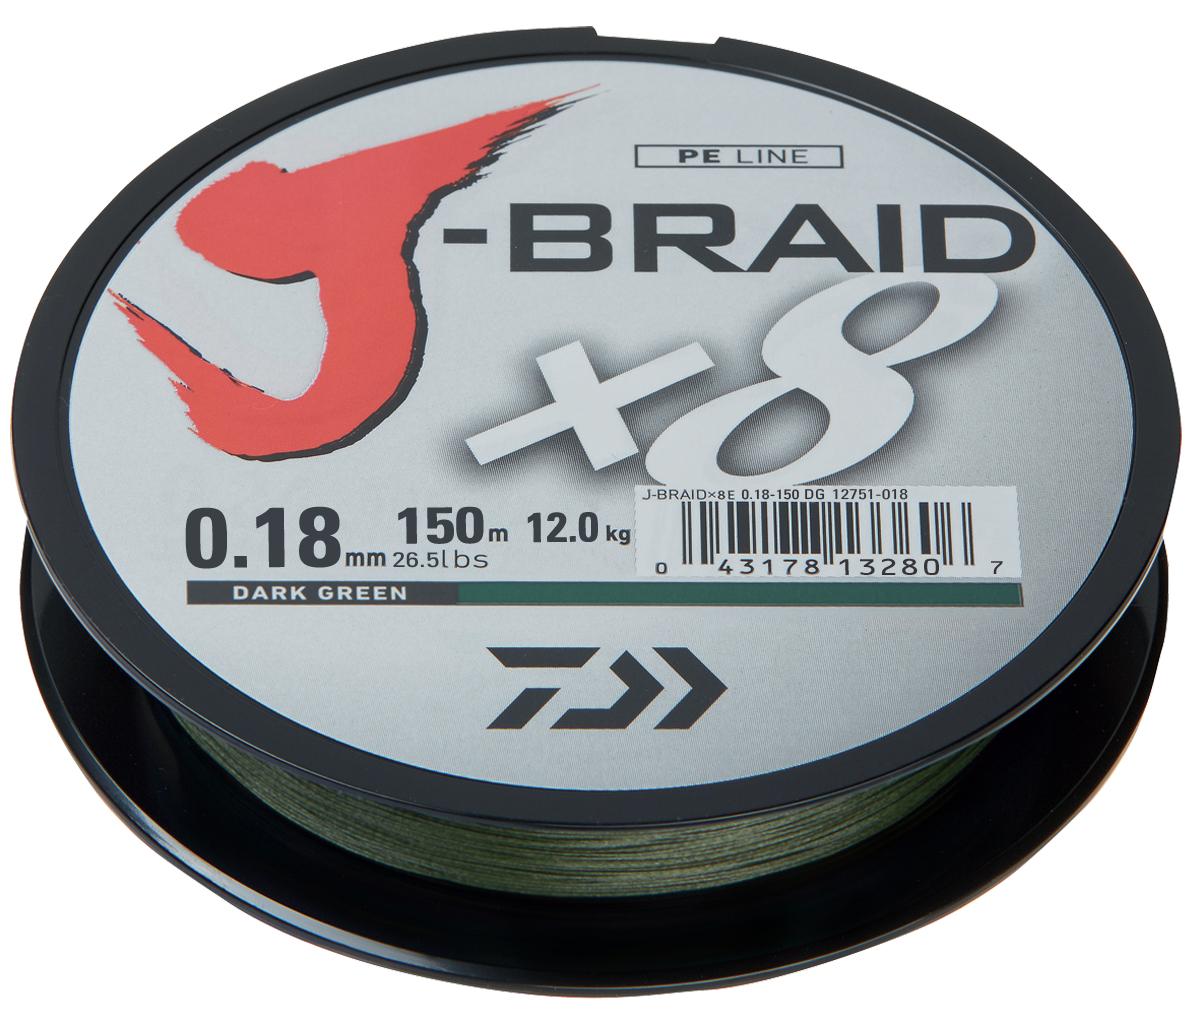 Фото - Шнур плетеный Daiwa J-Braid X8, цвет: зеленый, 150 м, 0,18 мм шнур плетеный daiwa j braid x8 цвет мультиколор 150 м 0 16 мм